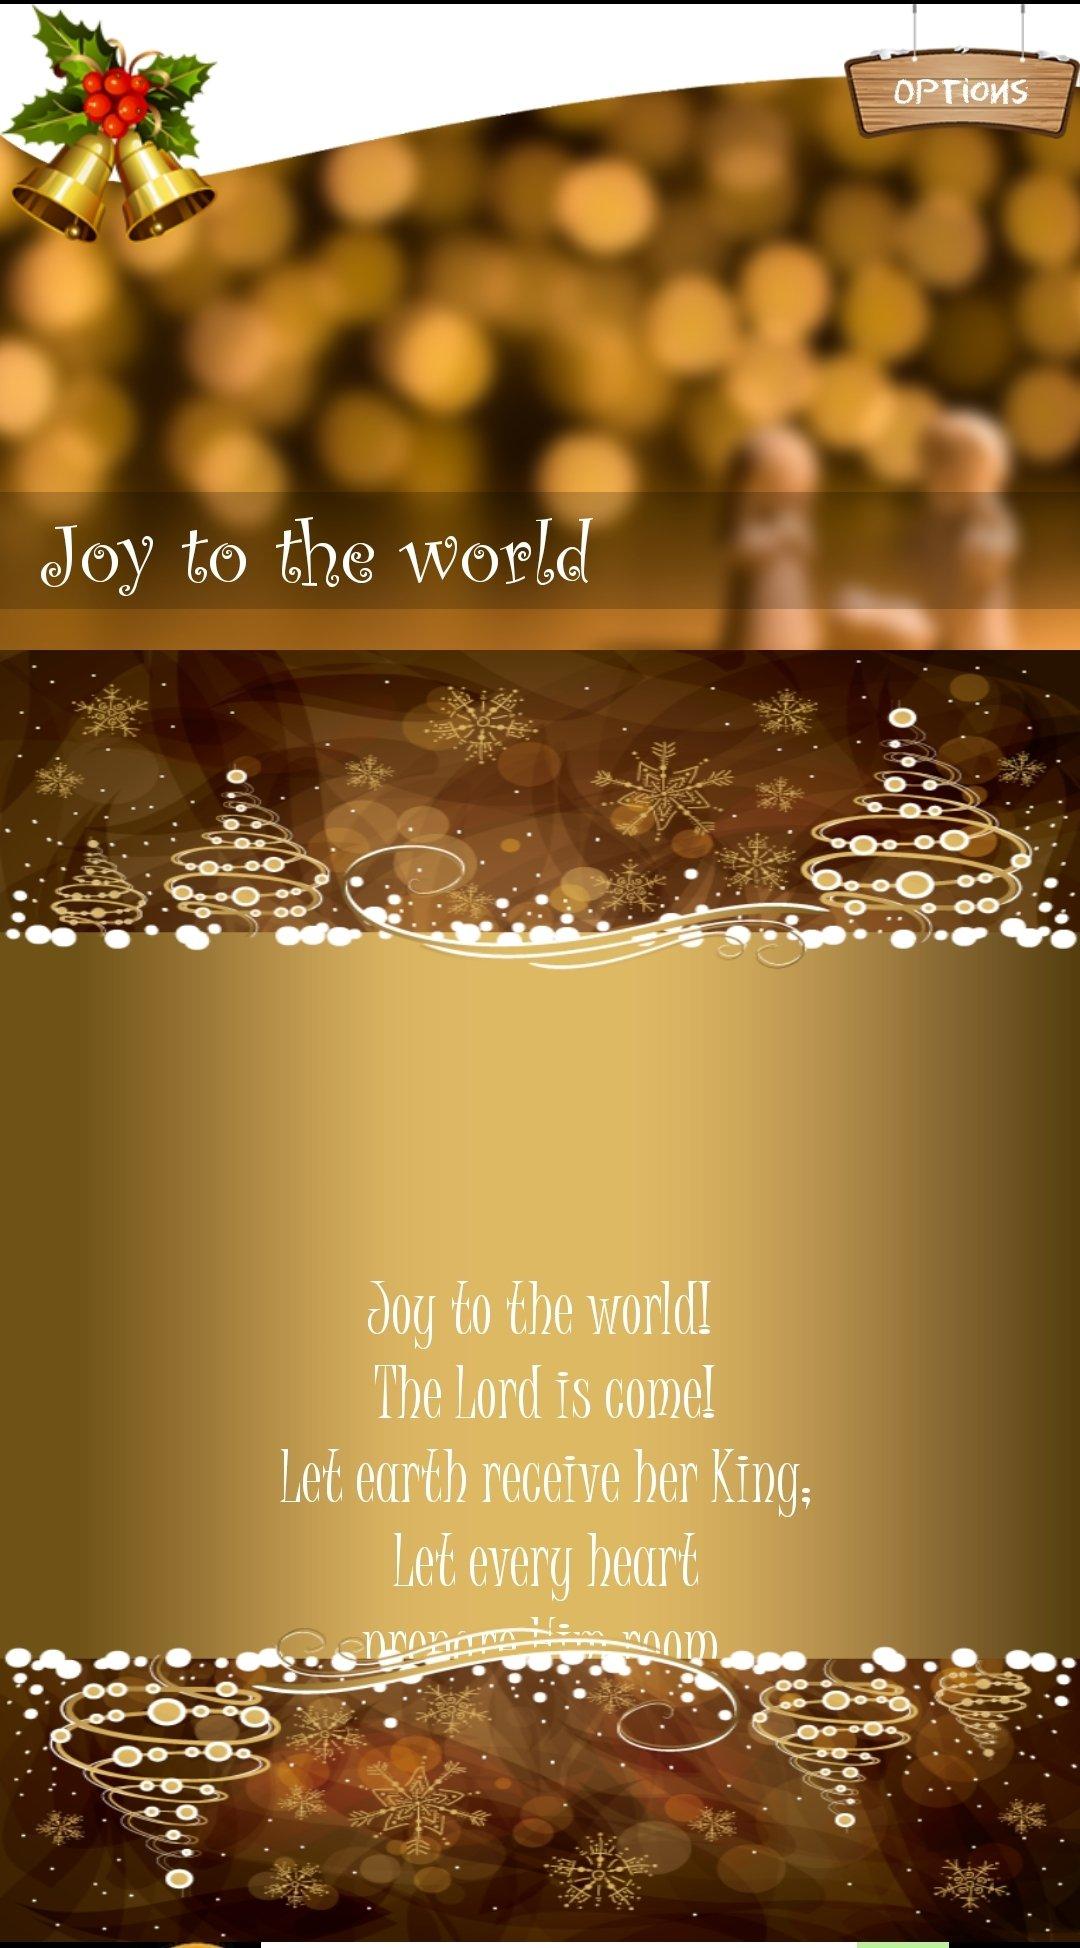 Descargar Villancicos de Navidad 3.3 Android - APK Gratis